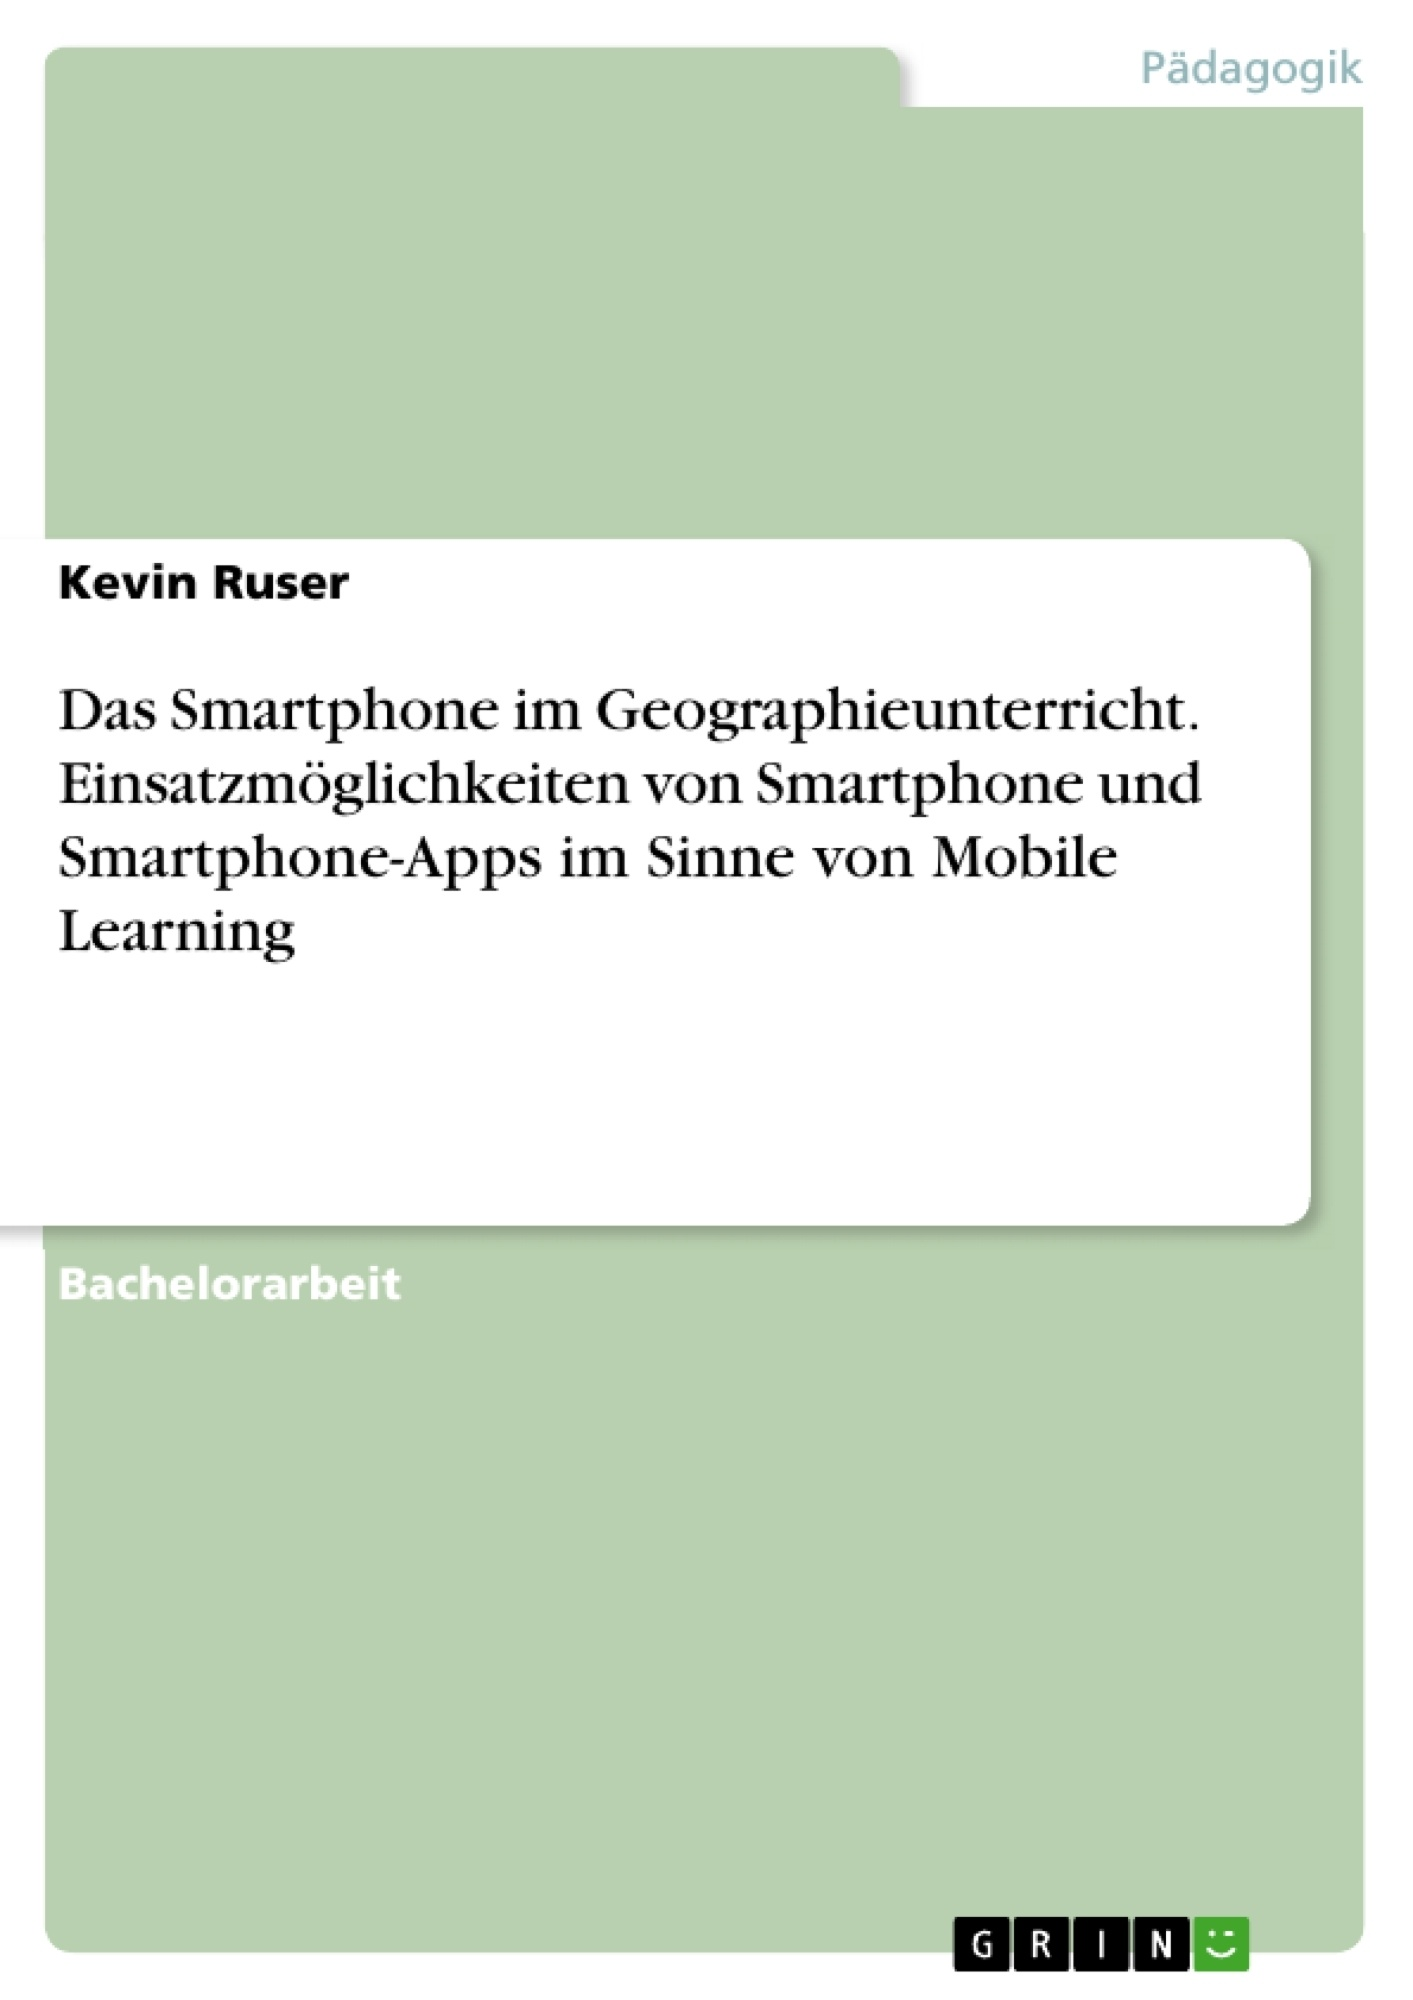 Titel: Das Smartphone im Geographieunterricht. Einsatzmöglichkeiten von Smartphone und Smartphone-Apps im Sinne von Mobile Learning